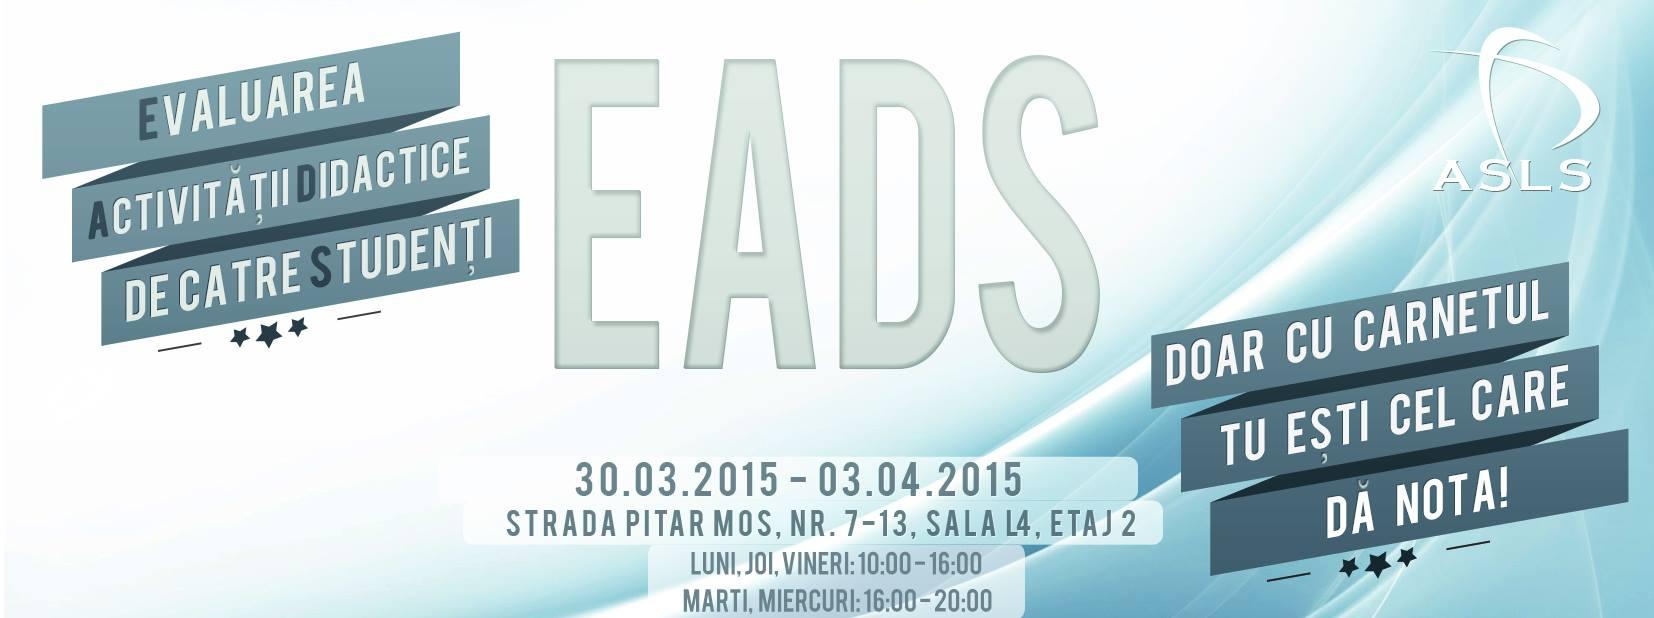 EADS – Evaluarea Activității Didactice de către Studenți